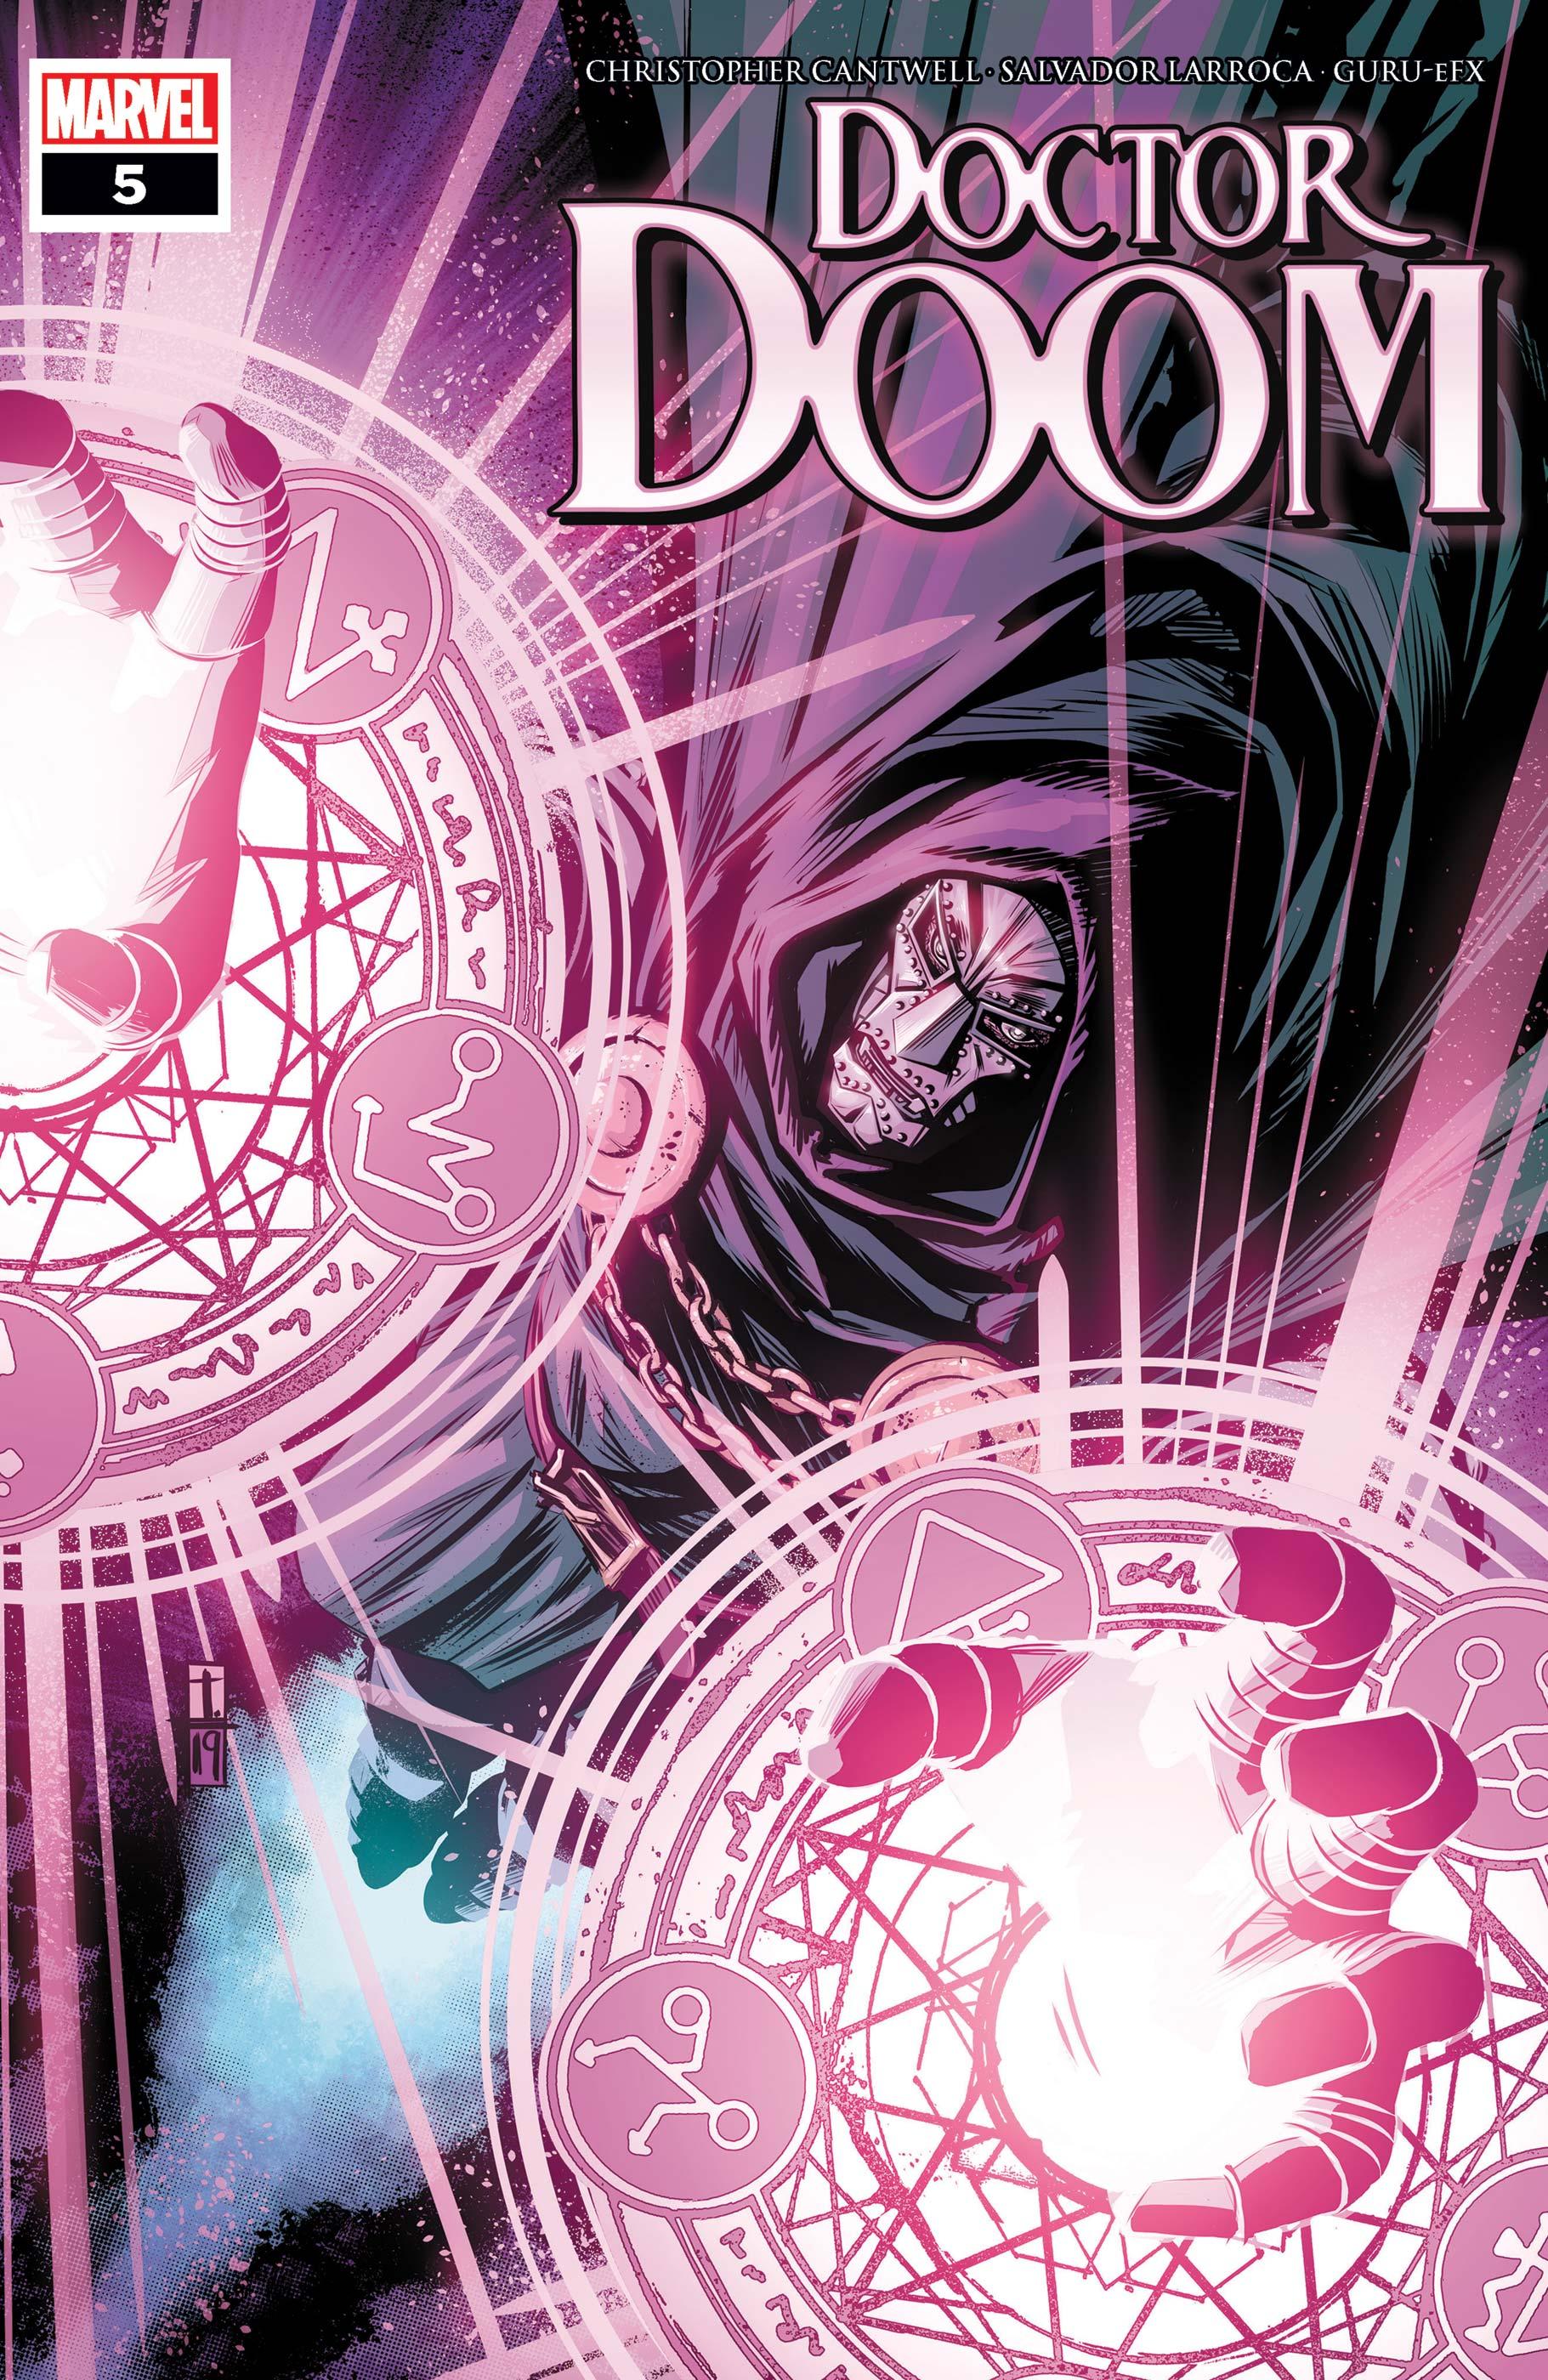 Doctor Doom (2019) #5